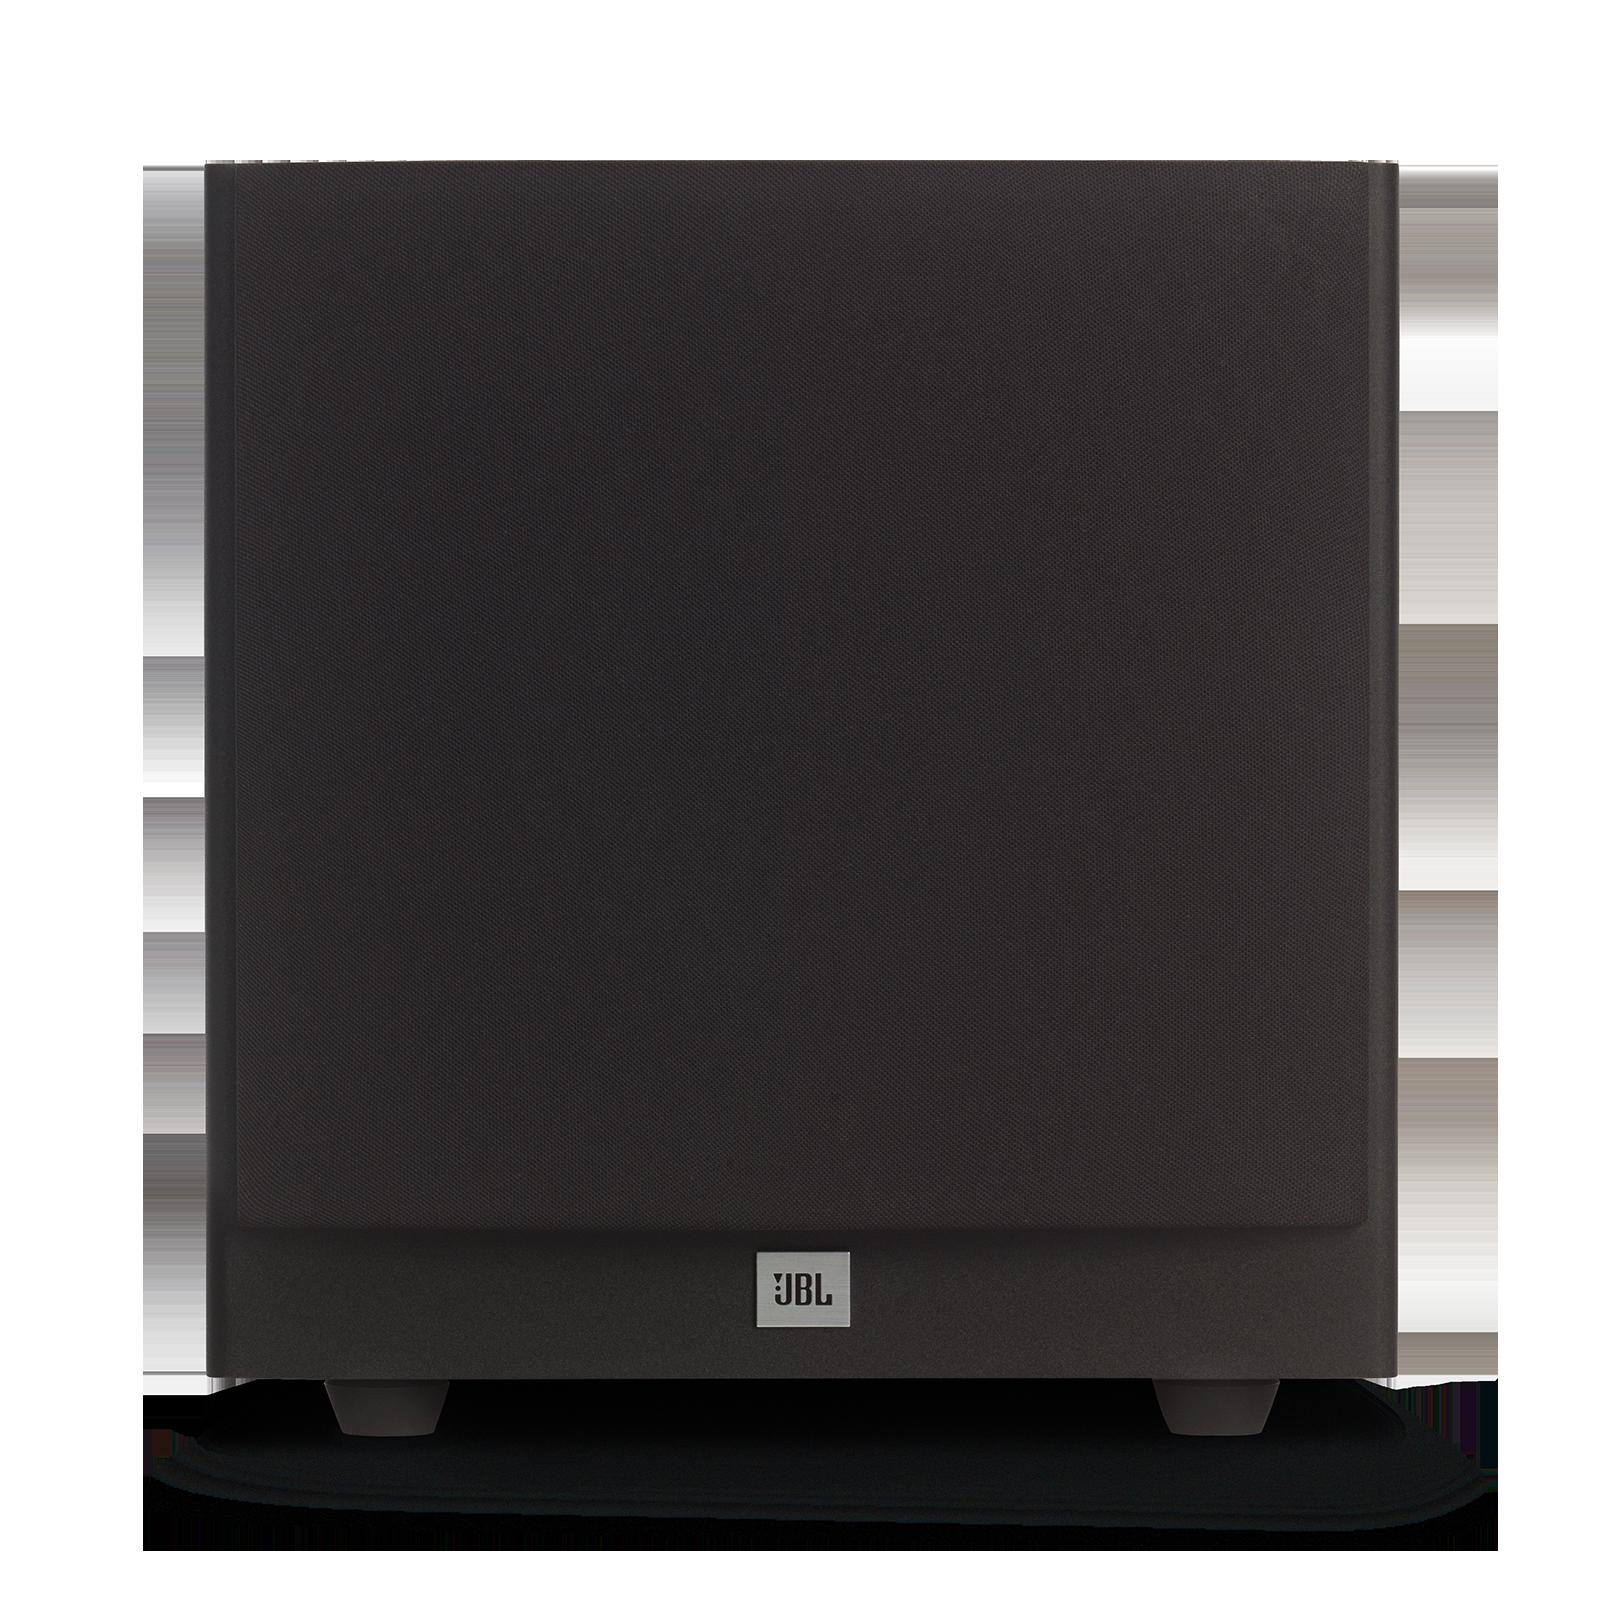 JBL Stage A100P - Black - Home Audio Loudspeaker System - Detailshot 2